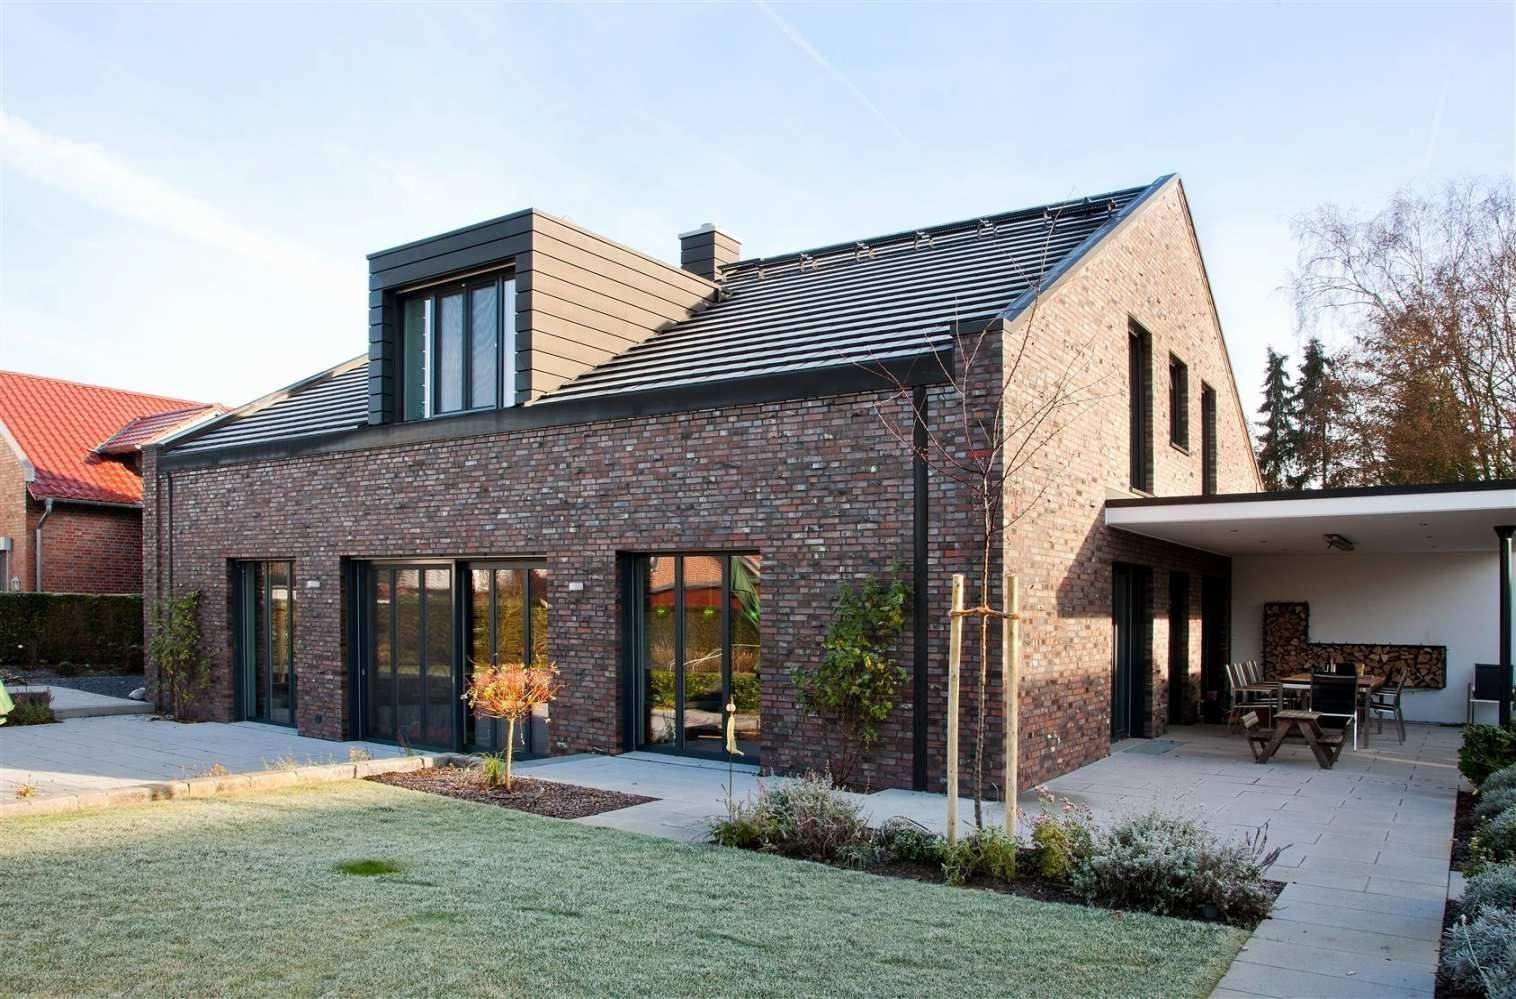 Kleines Haus Mit Garten Das Beste Von Kleines Haus Bauen 80 Qm Wohndesign Dekohauseingang